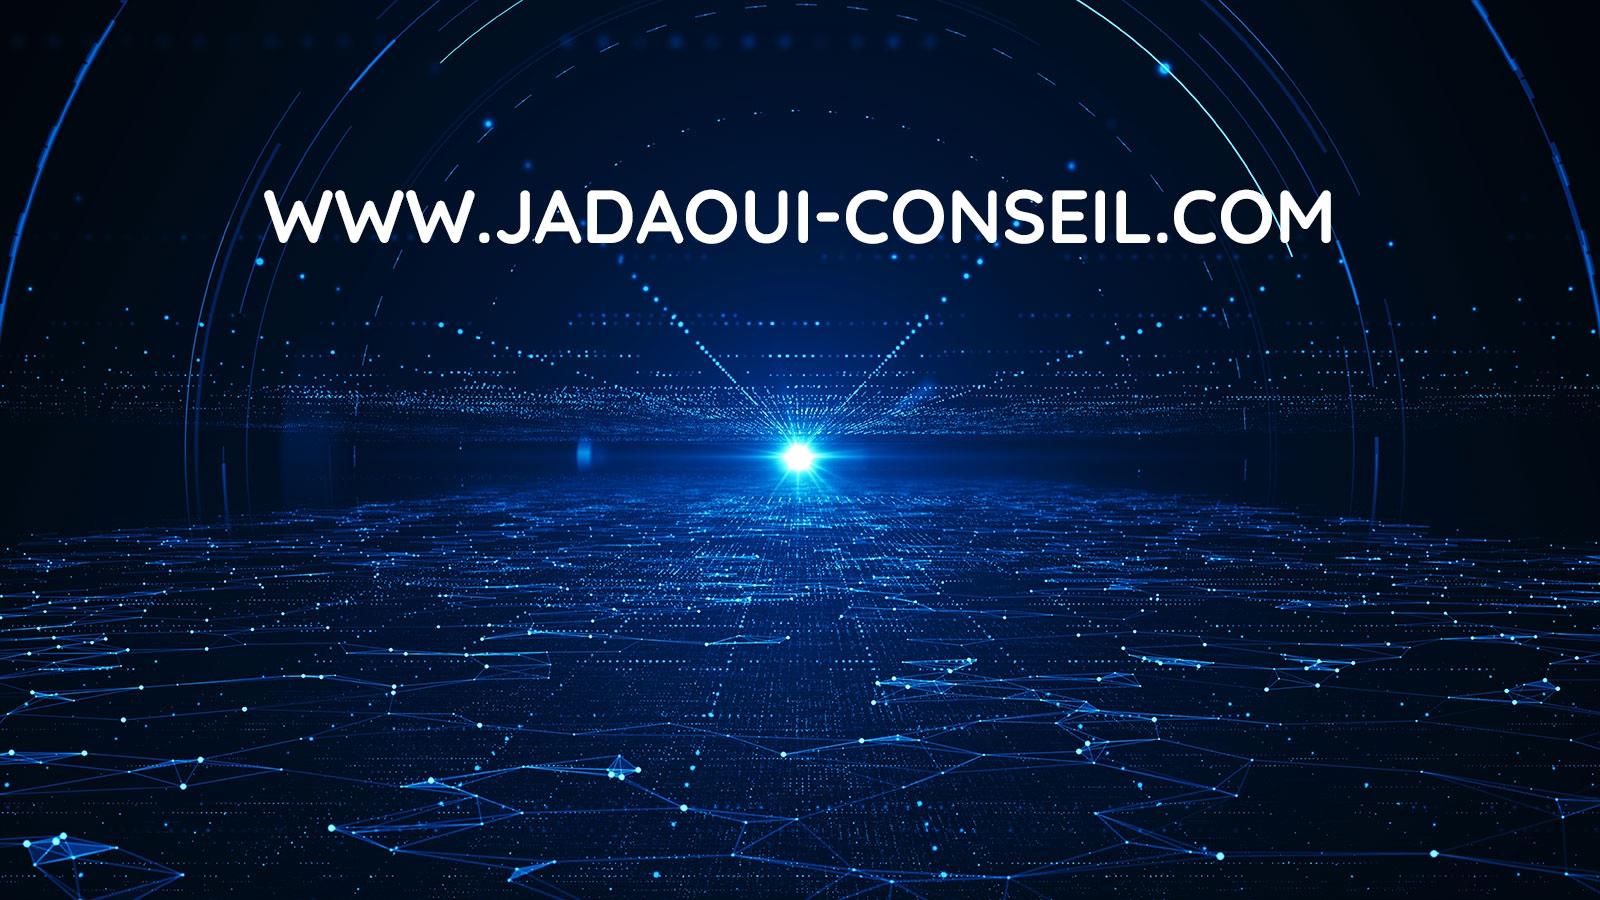 Hébergement Professionnel et nom de domaine Jadaoui Conseil